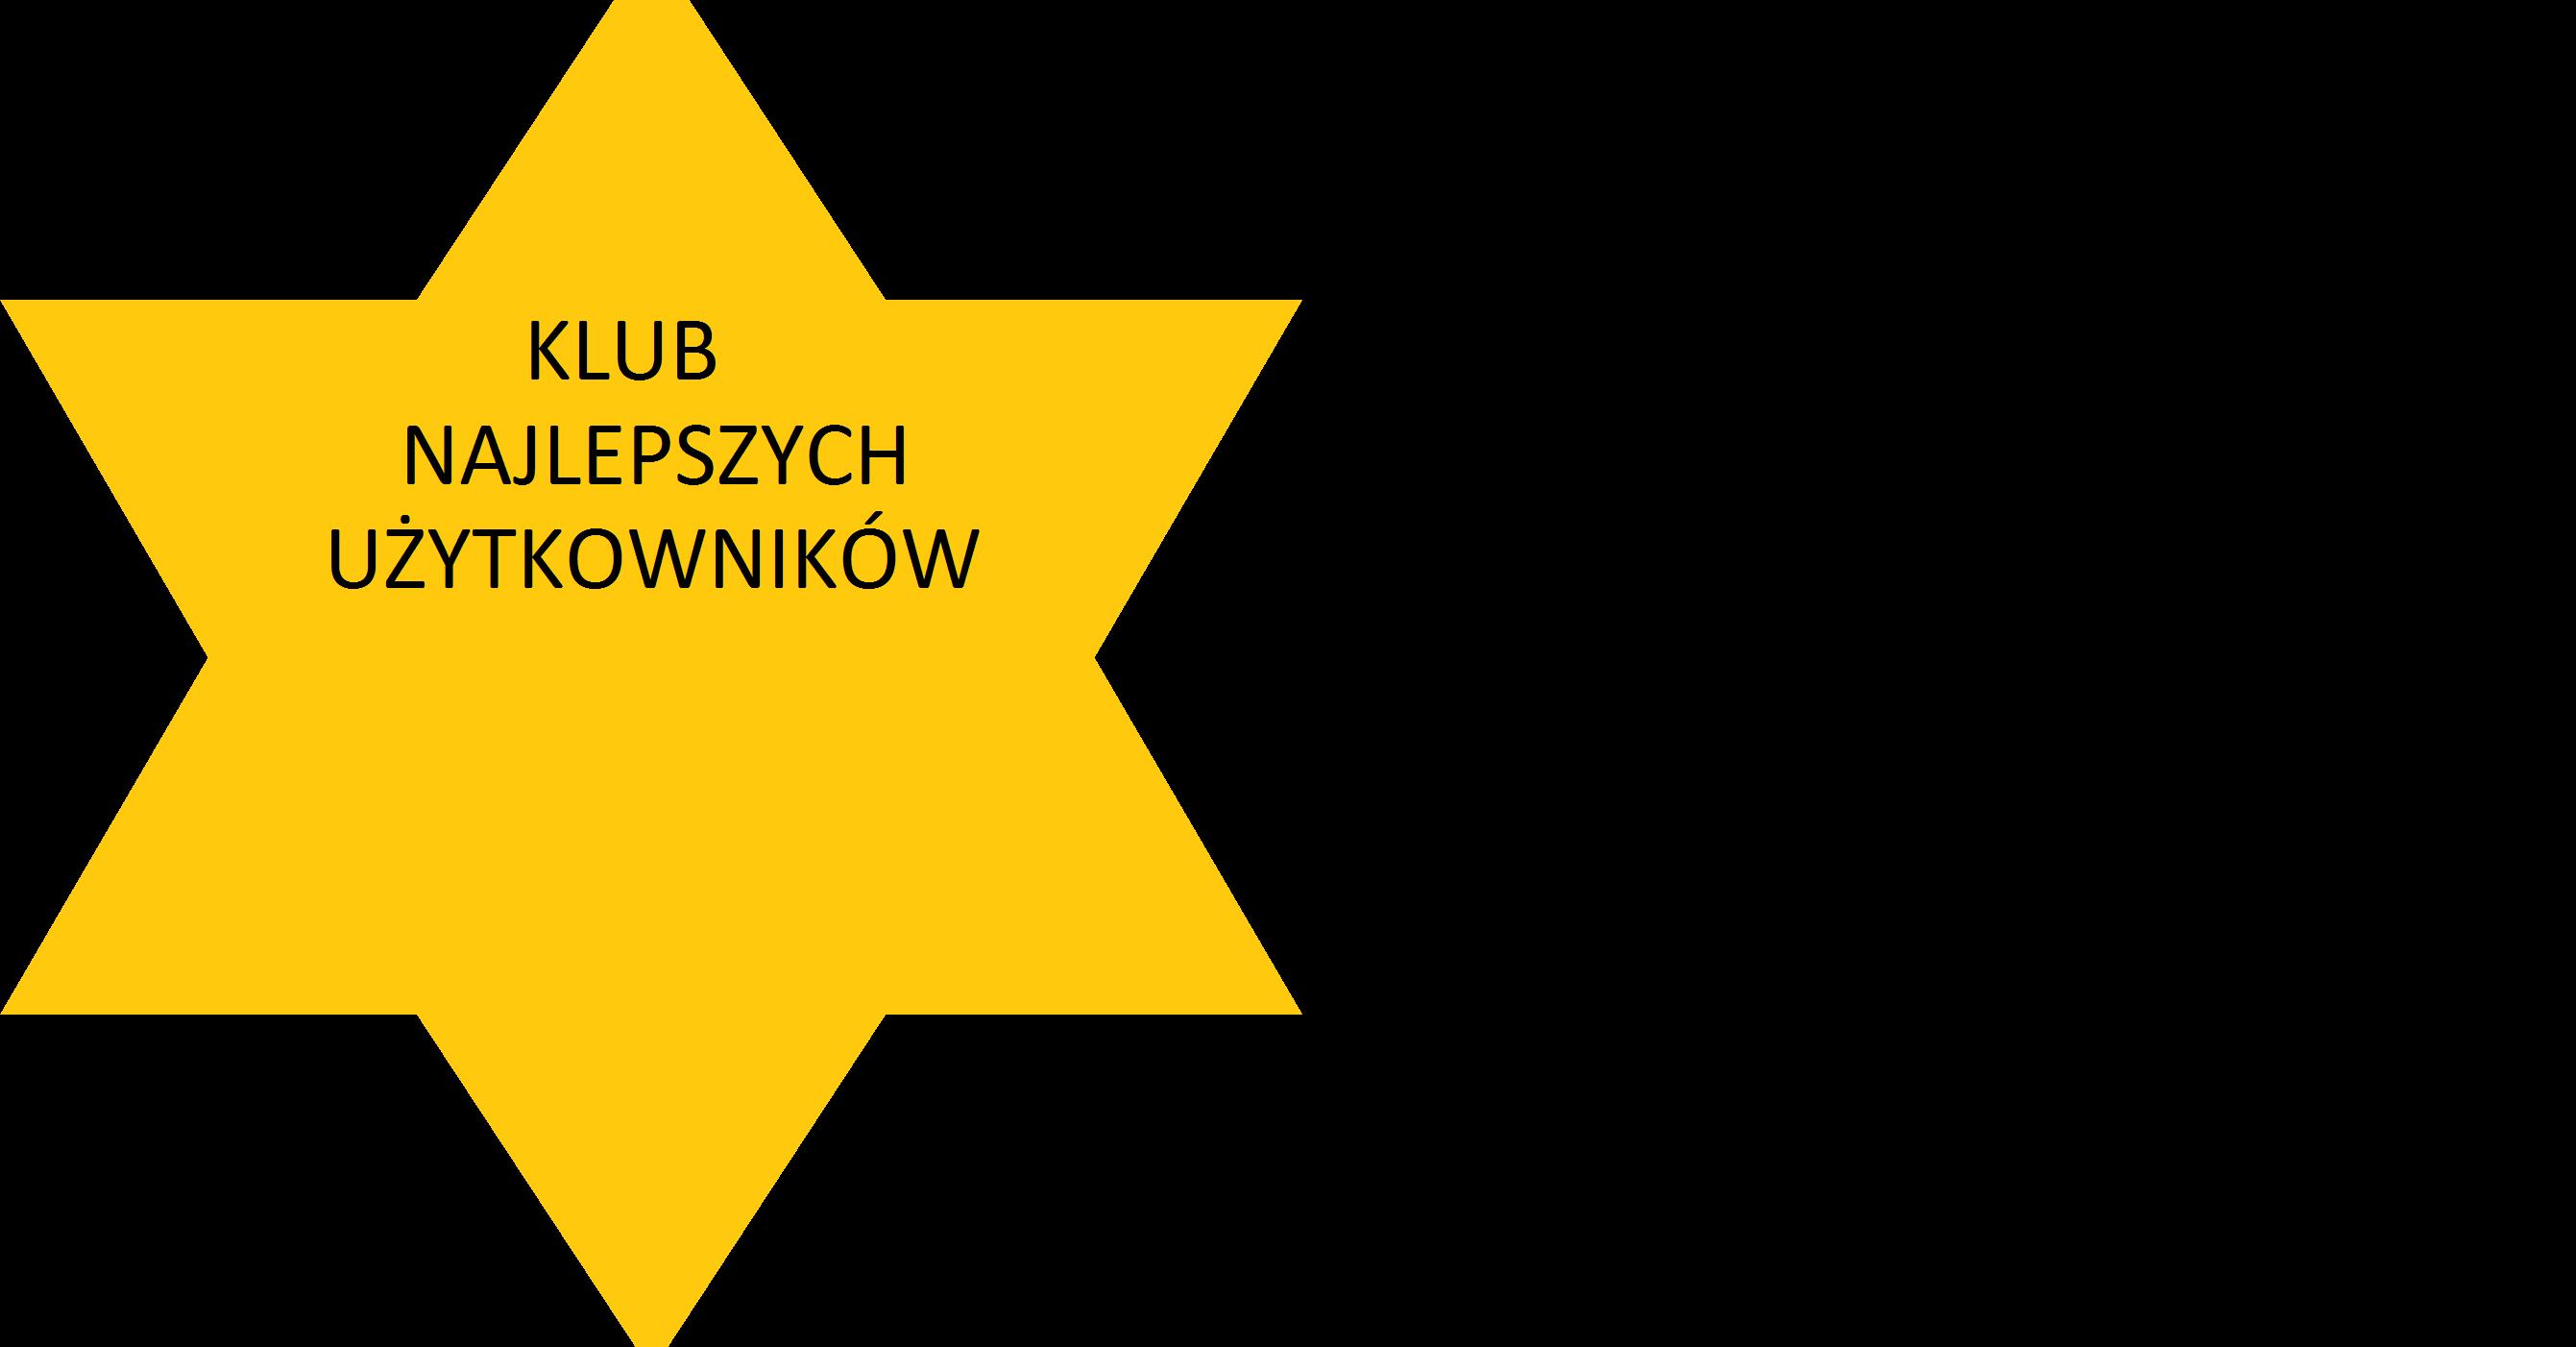 Klub najlepszych uzytkowniknow123321